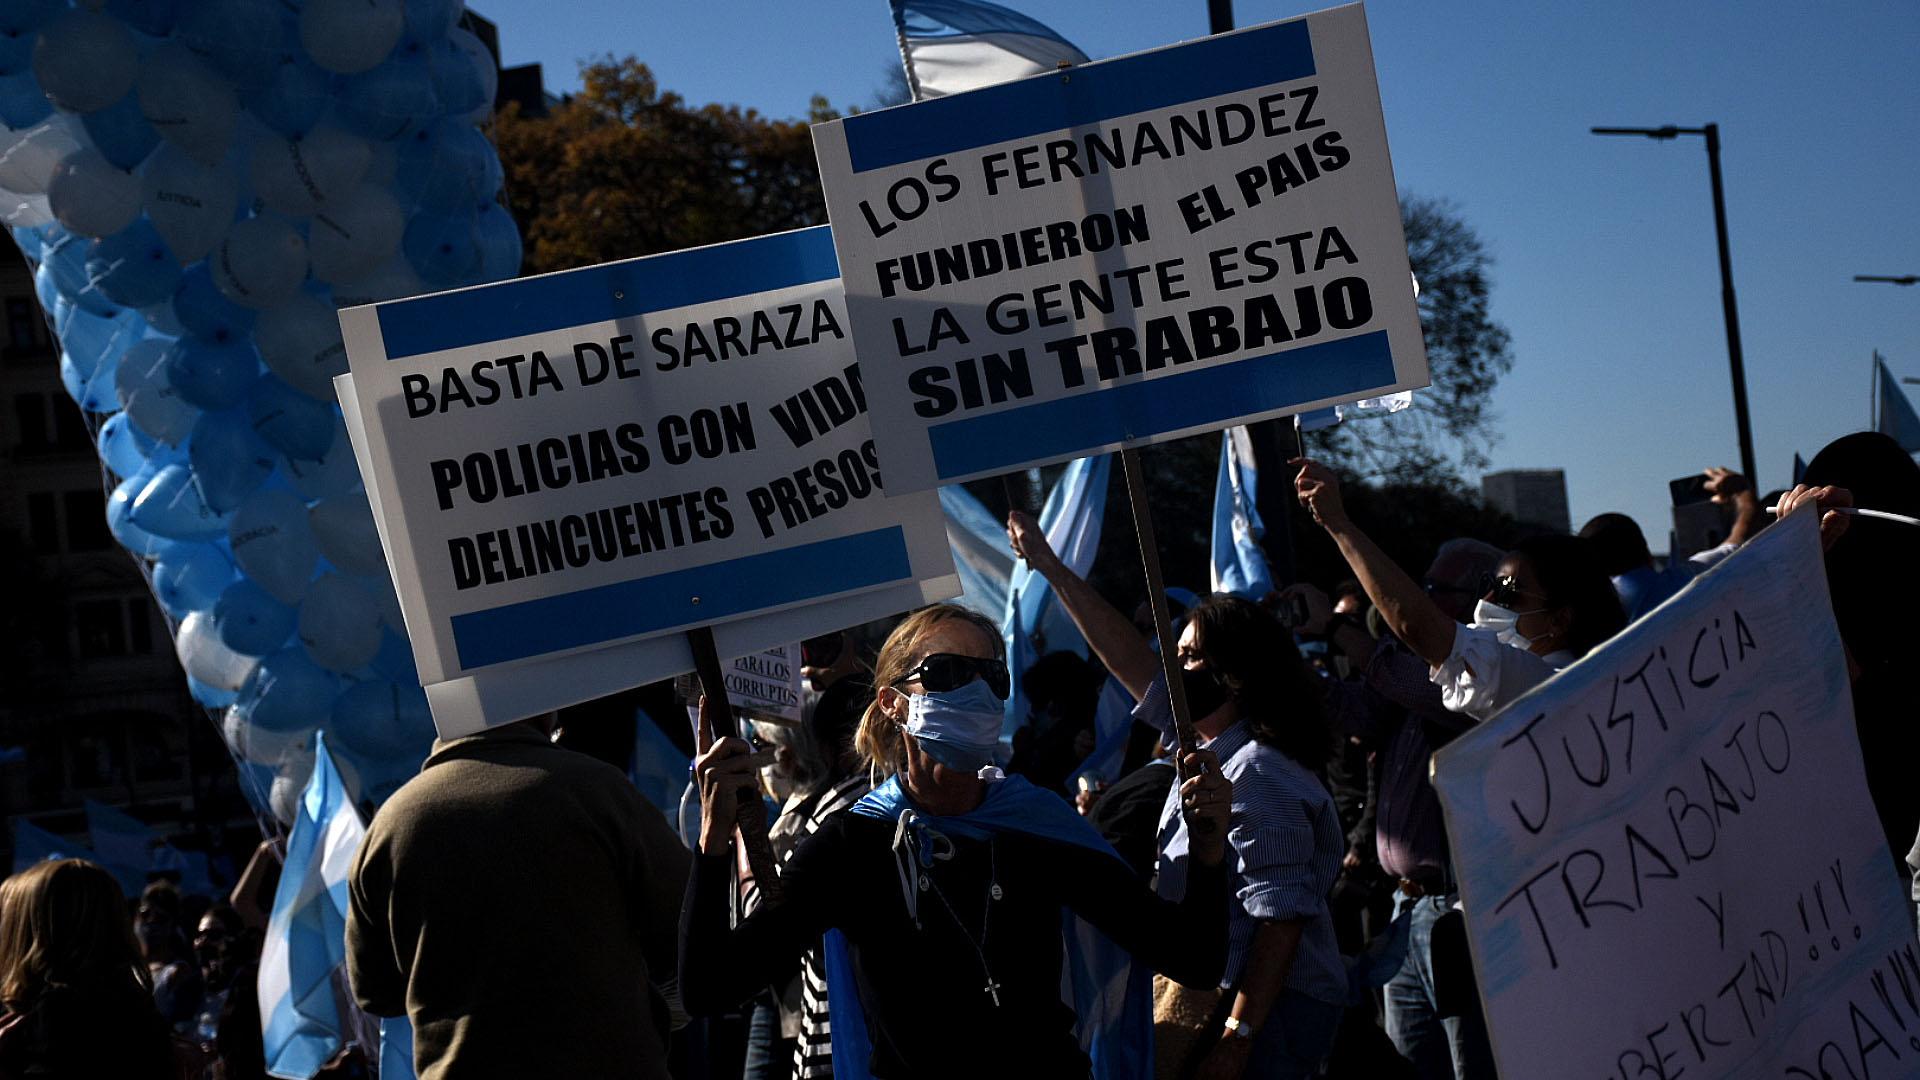 Los manifestantes se quejaron por la gestión de la pandemia por parte del gobierno nacional